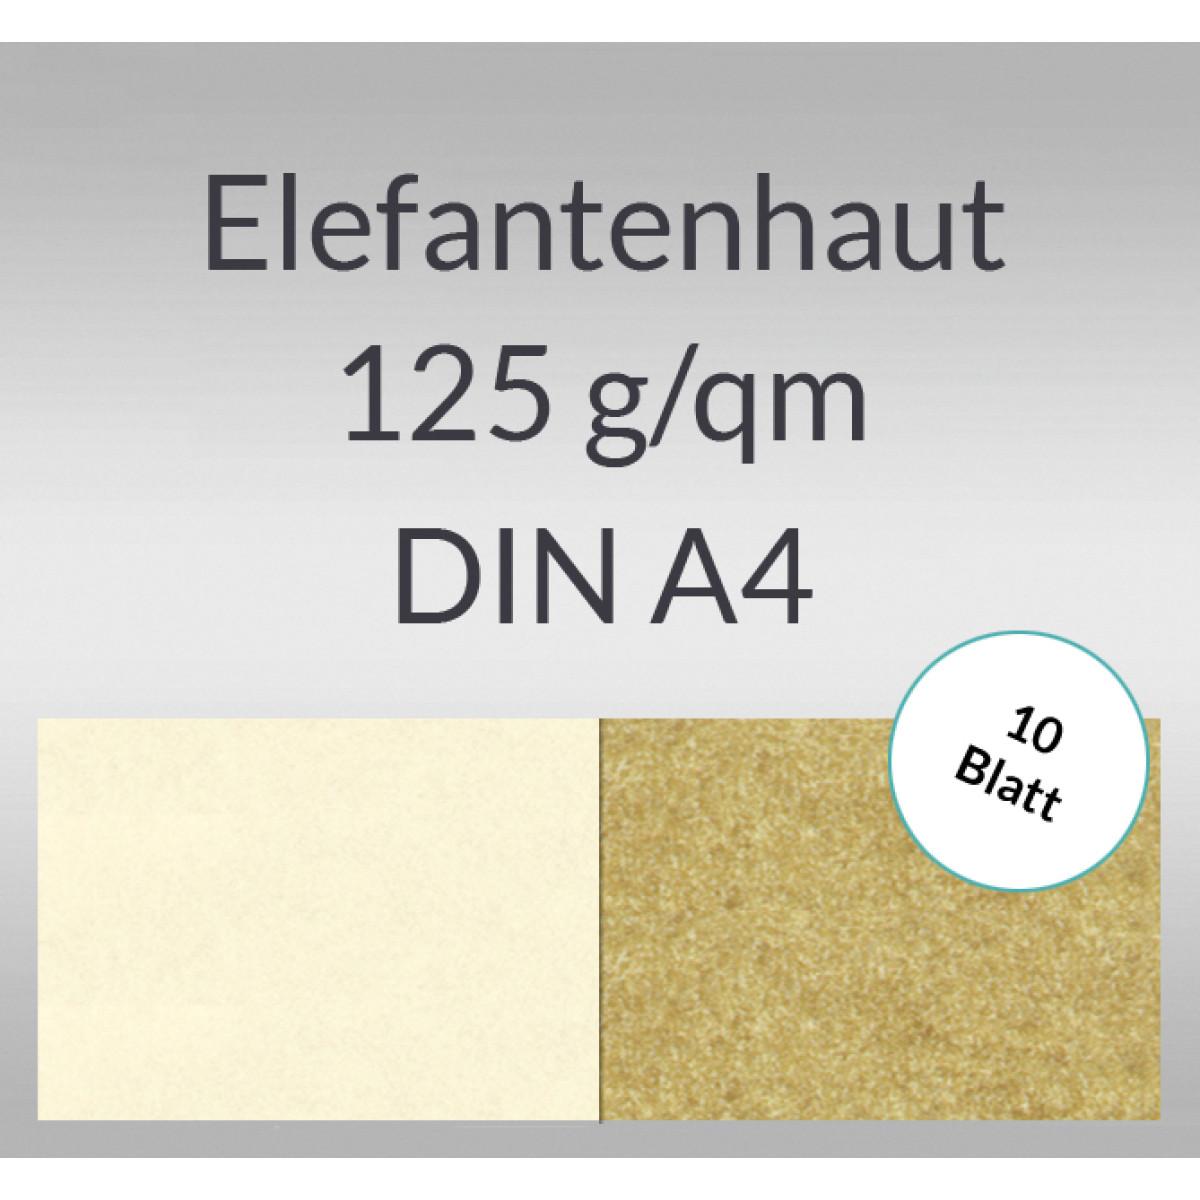 Elefantenhaut 125 g/qm DIN A4 - 10 Blatt